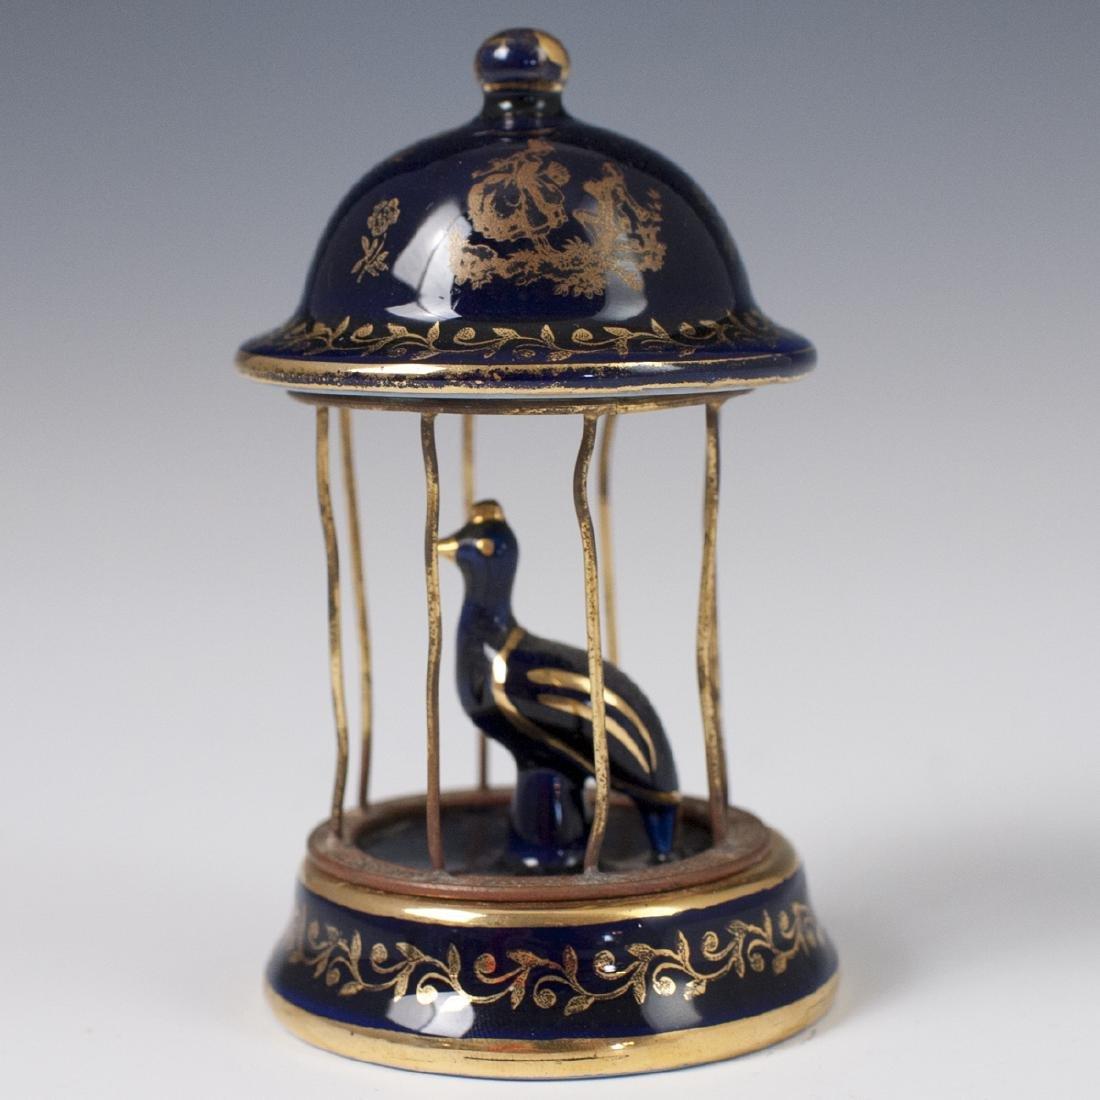 Limoges Porcelain Bird Cage - 2